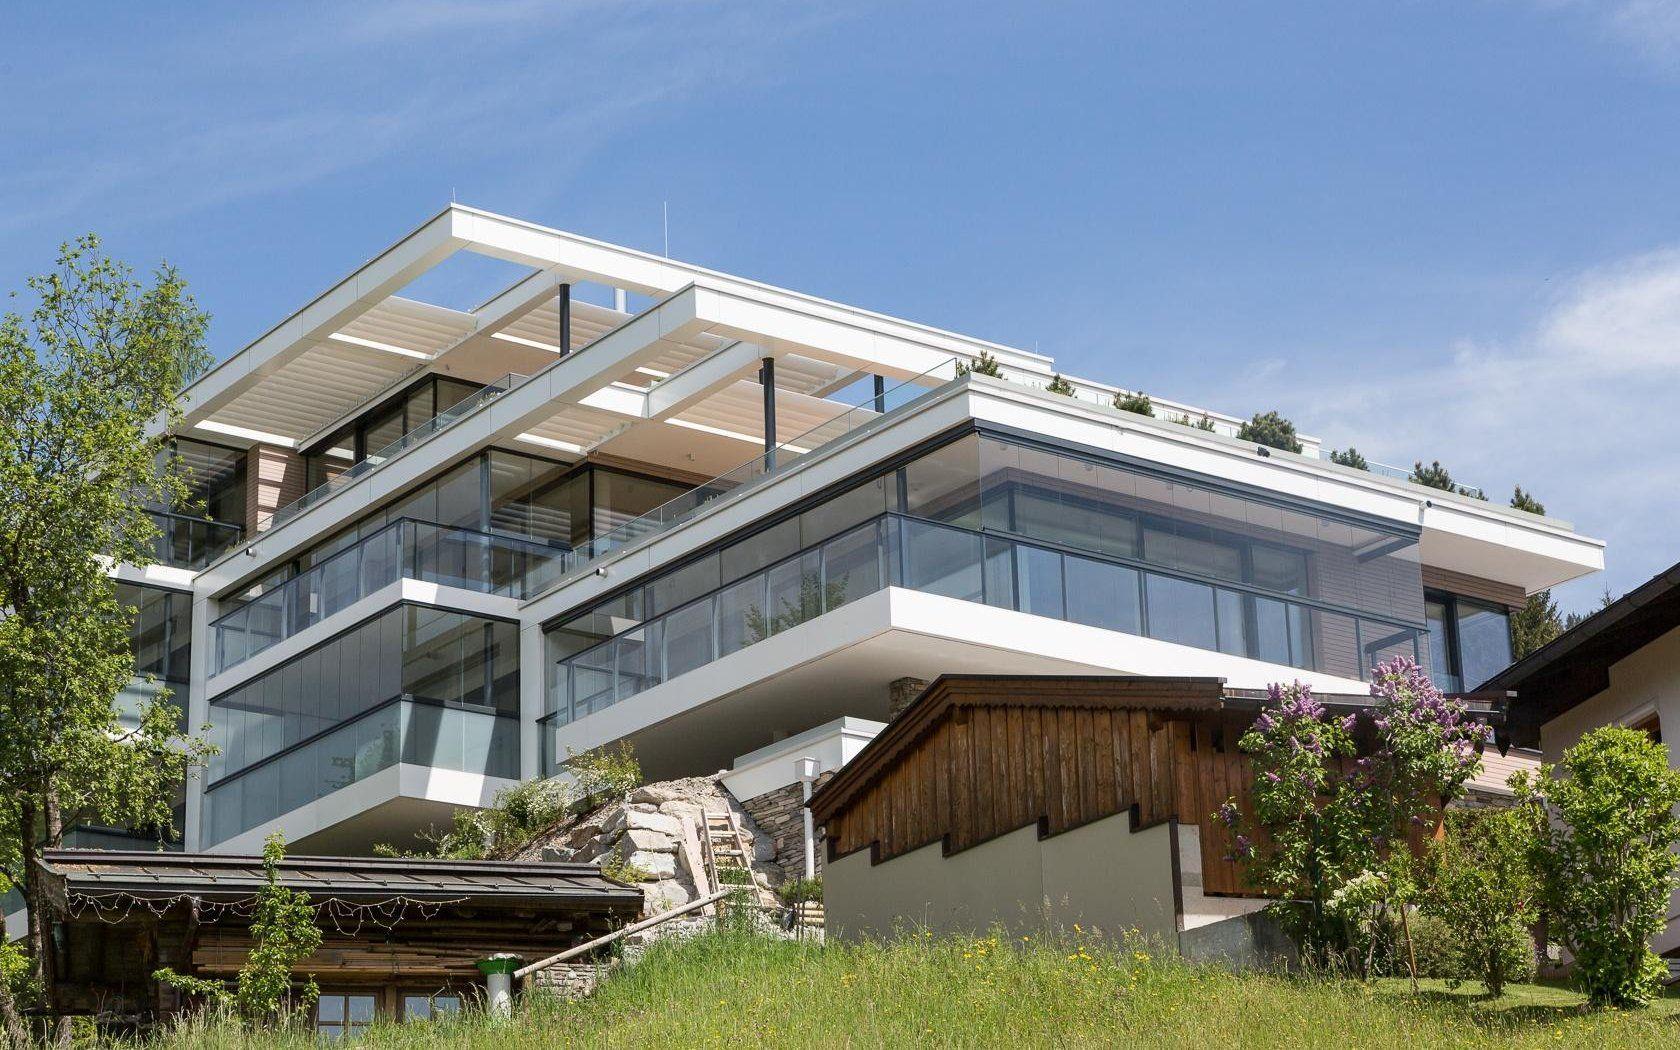 modernes terrassenhaus mit viel glas und licht moderne h user pinterest lichtlein glas. Black Bedroom Furniture Sets. Home Design Ideas